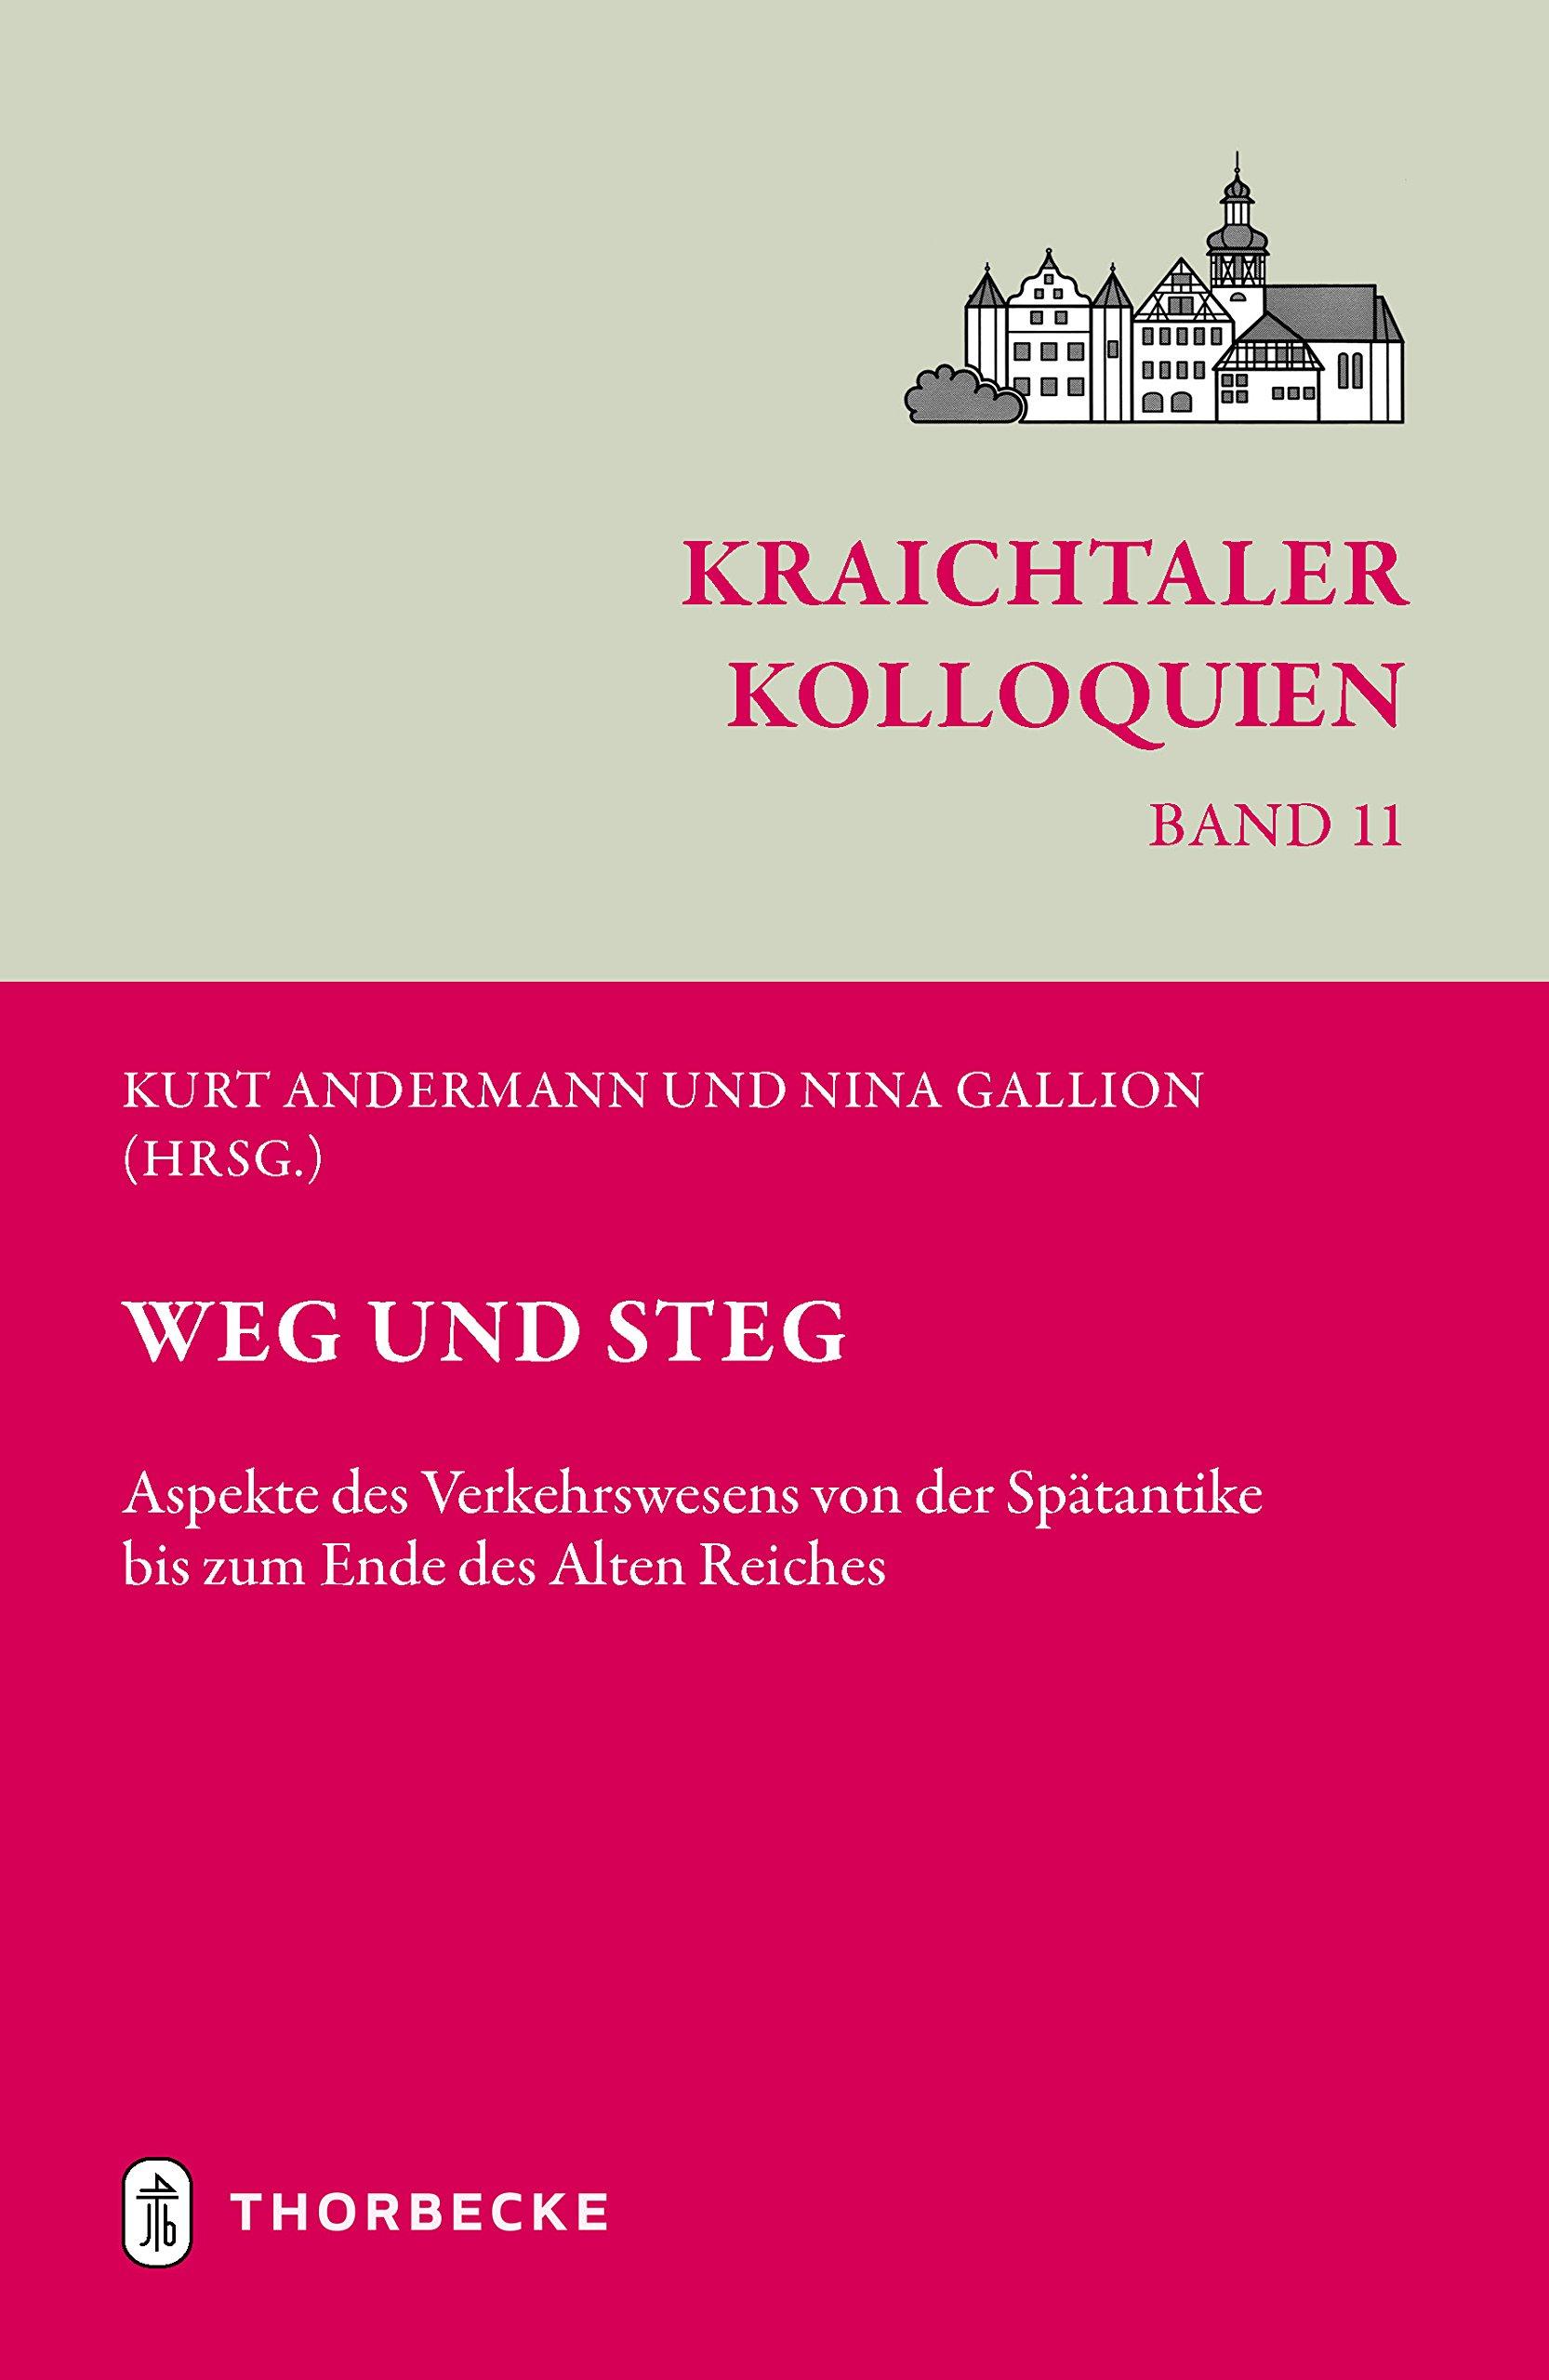 Weg und Steg: Aspekte des Verkehrswesens von der Spätantike bis zum Ende des Alten Reiches (Kraichtaler Kolloquien)